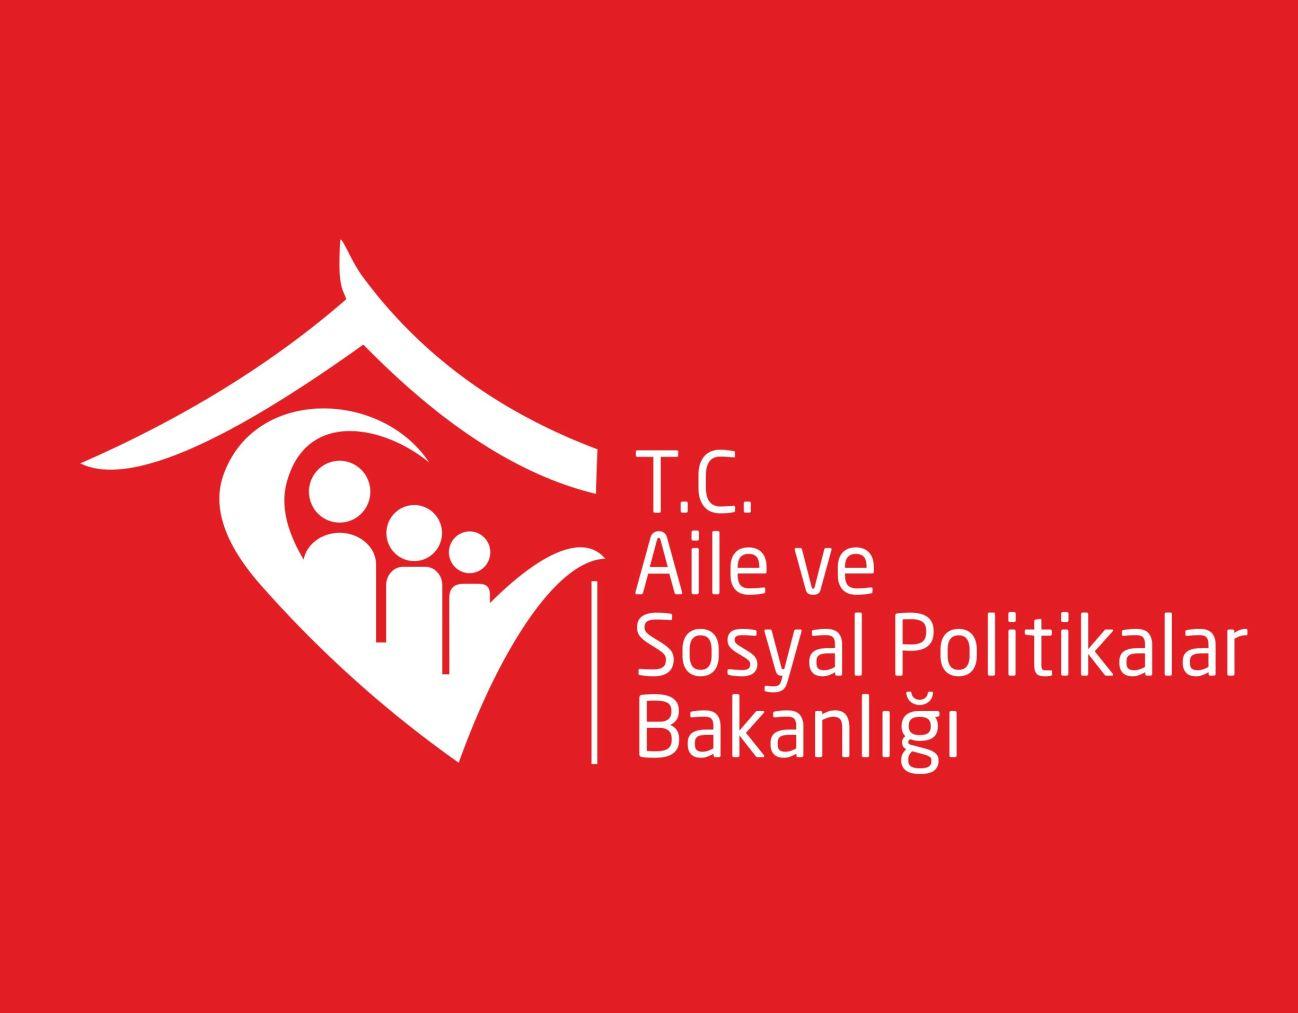 Aile ve Sosyal Politikalar Bakanlığından müjde!...